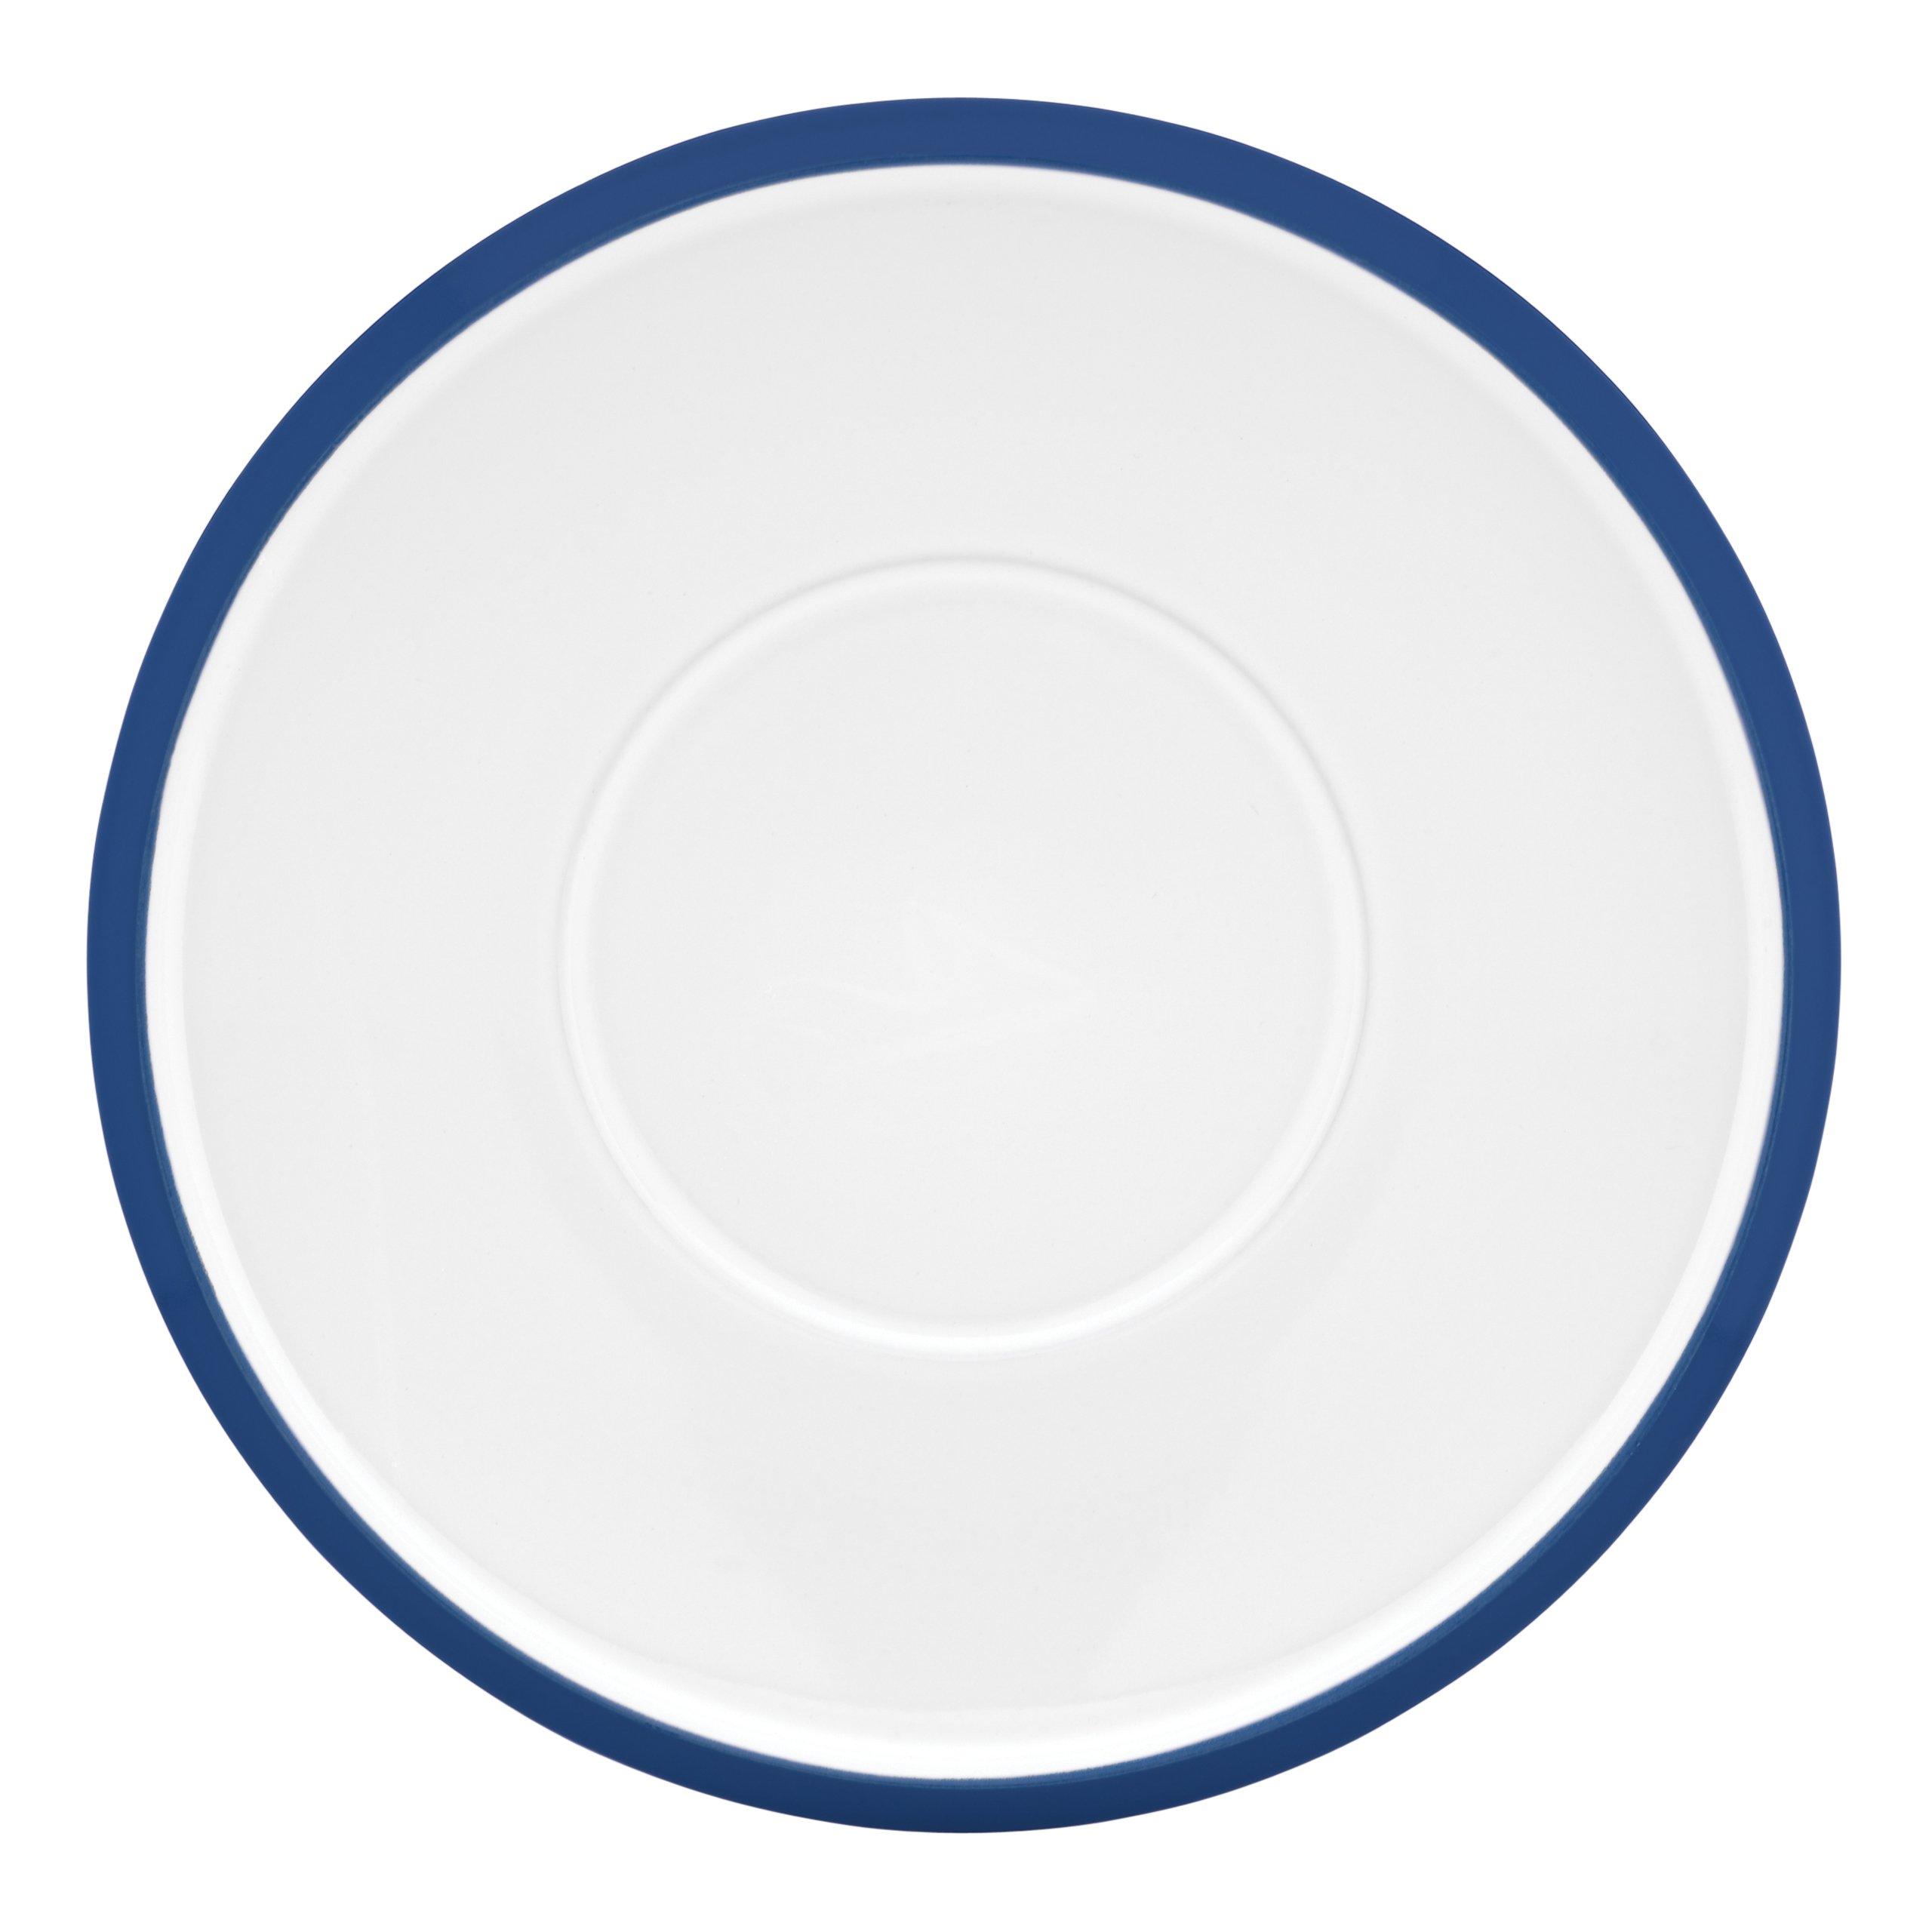 Dansk Kobenstyle 4-Piece Teacup Saucer Set, Chili Blue